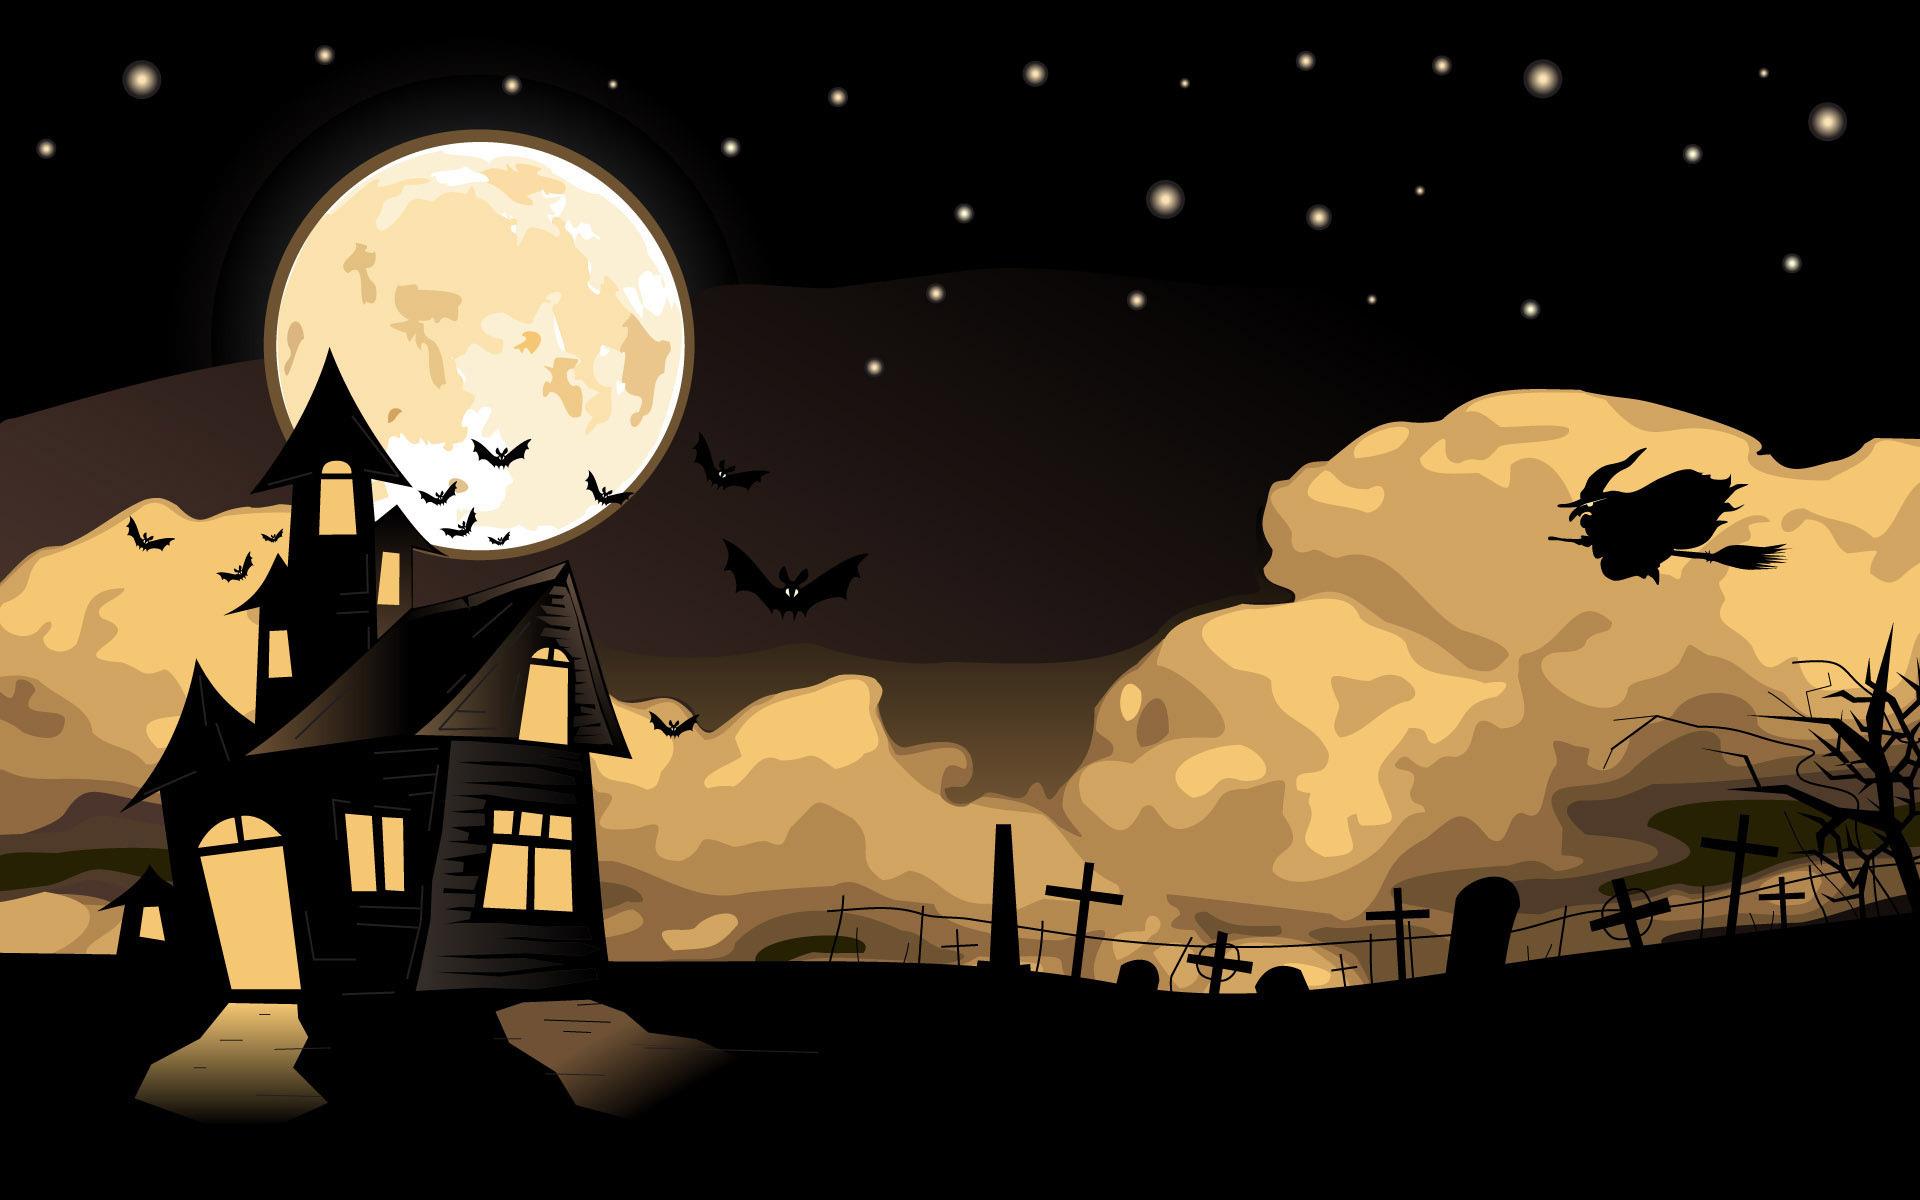 графика хэллоуин graphics Halloween скачать